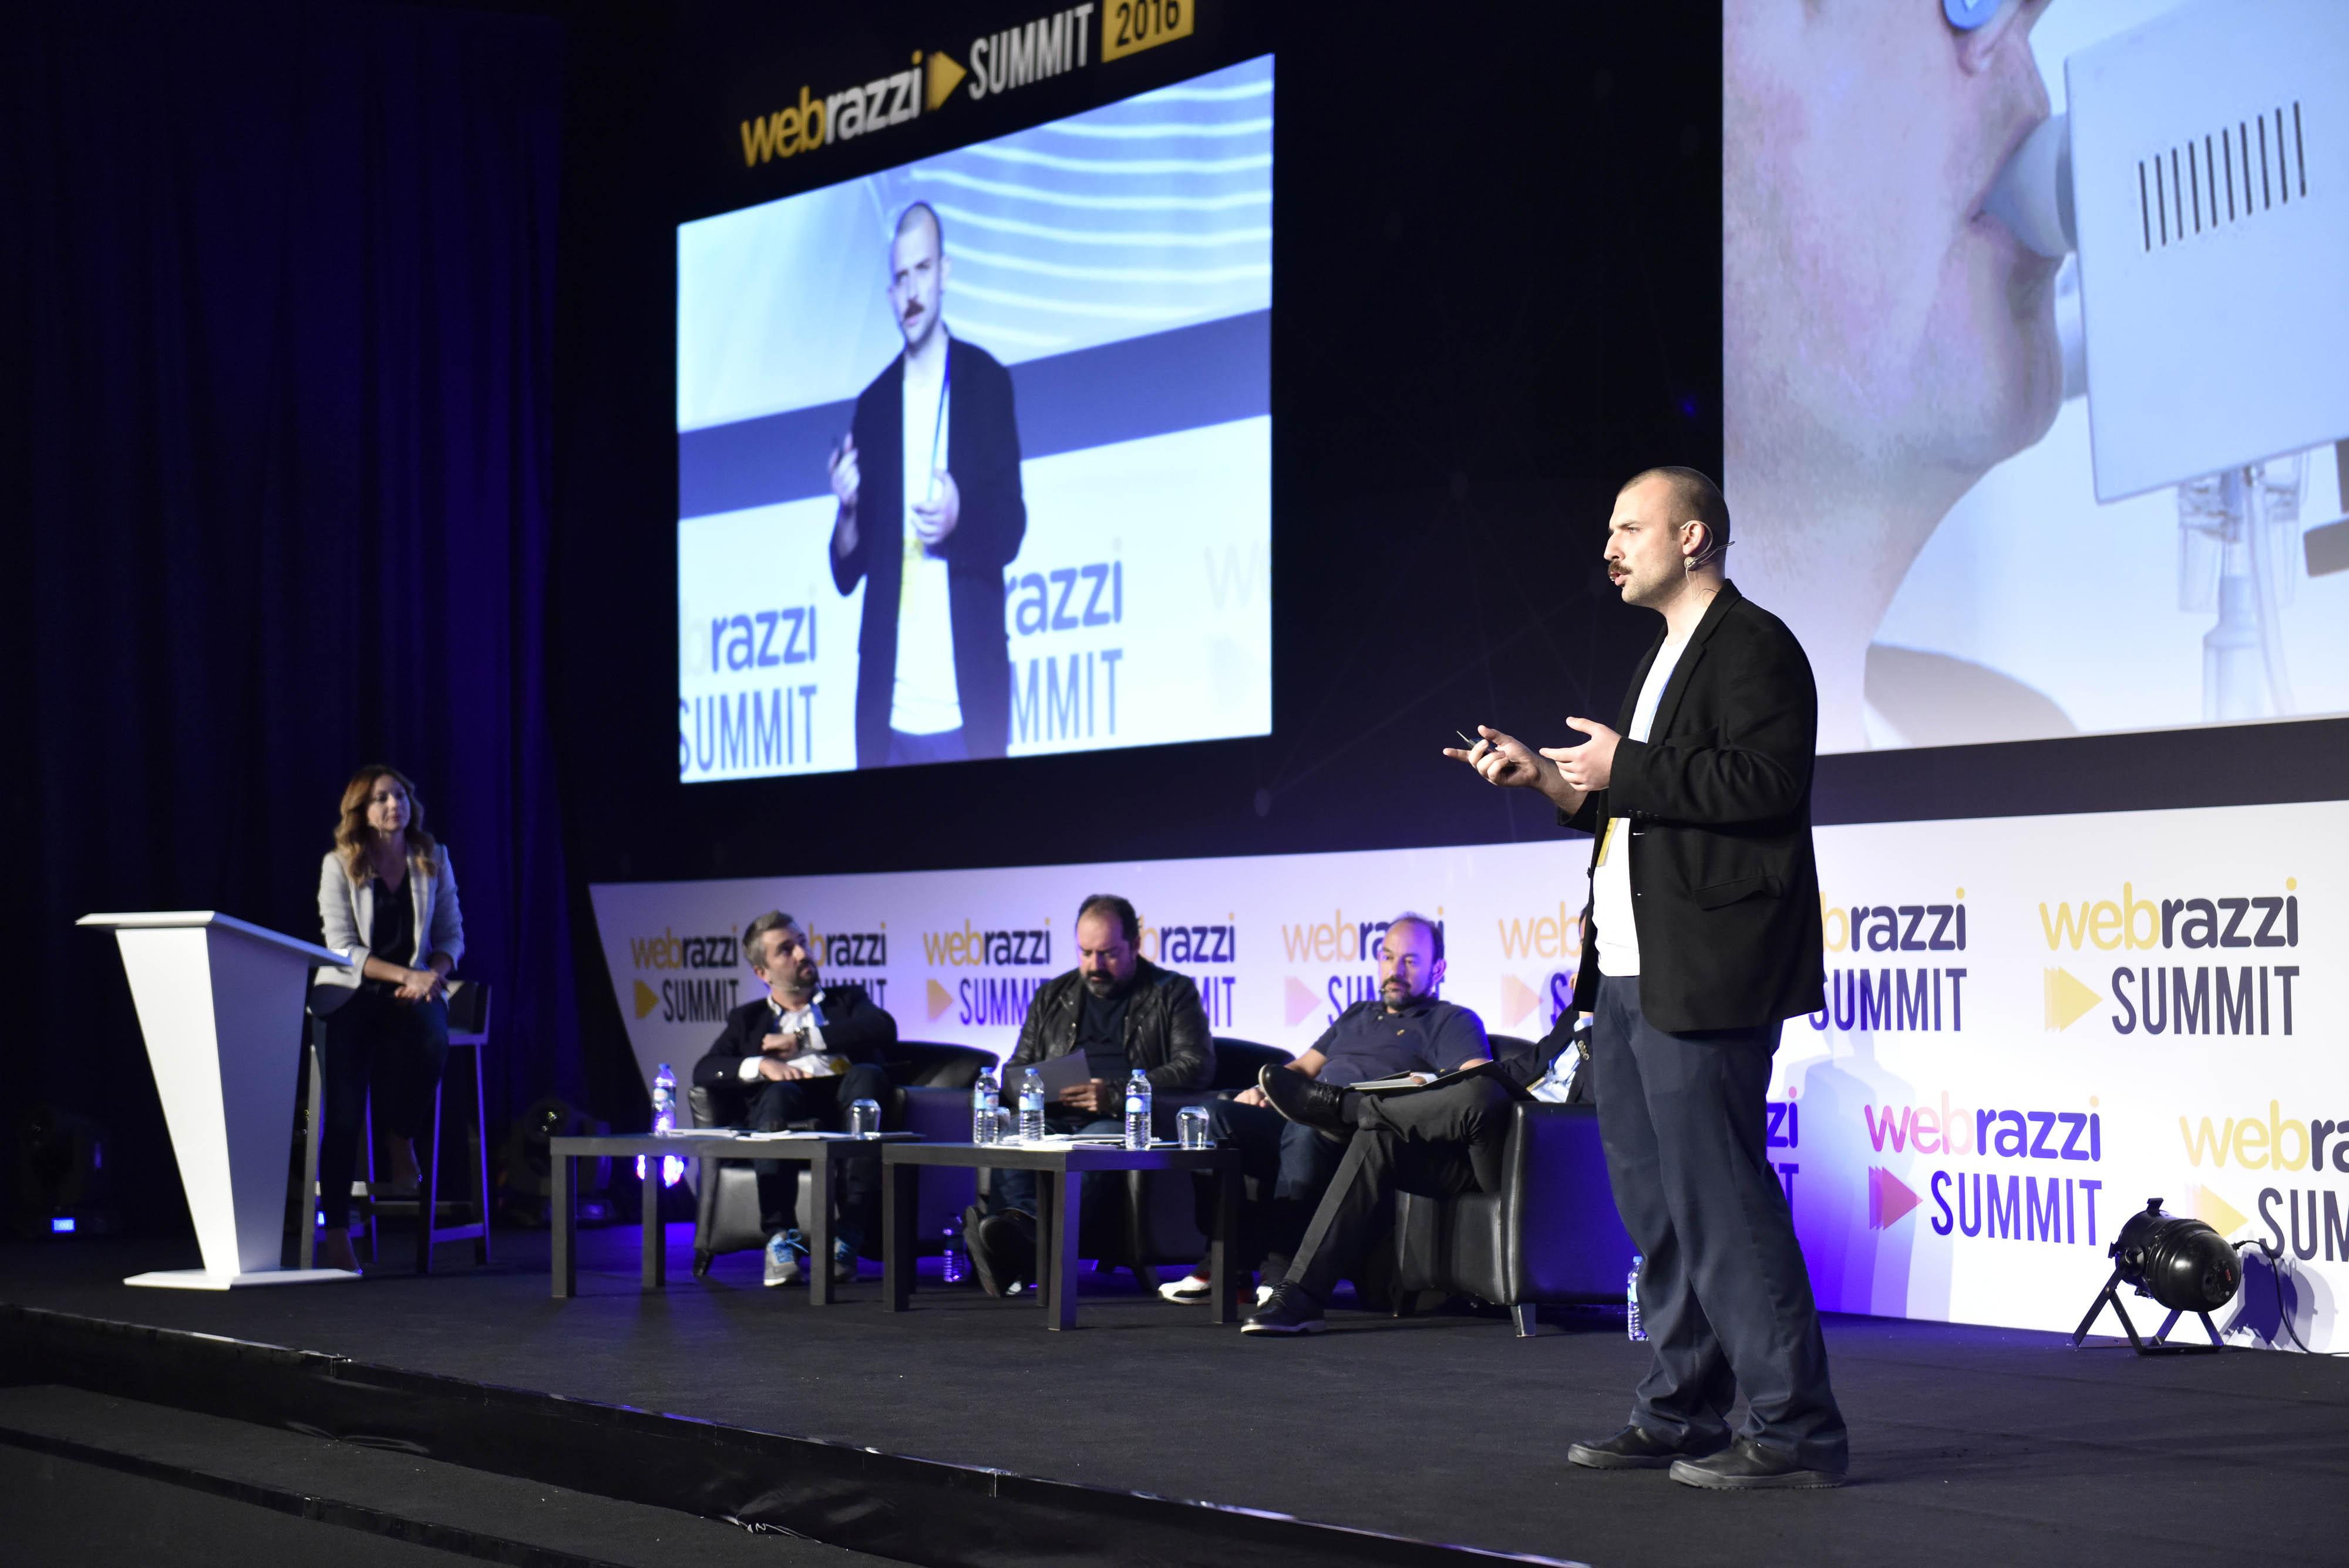 Spirohome kurucu ortaklarından Merthan Öztürk'ün Webrazzi Arena sunumundan bir kare